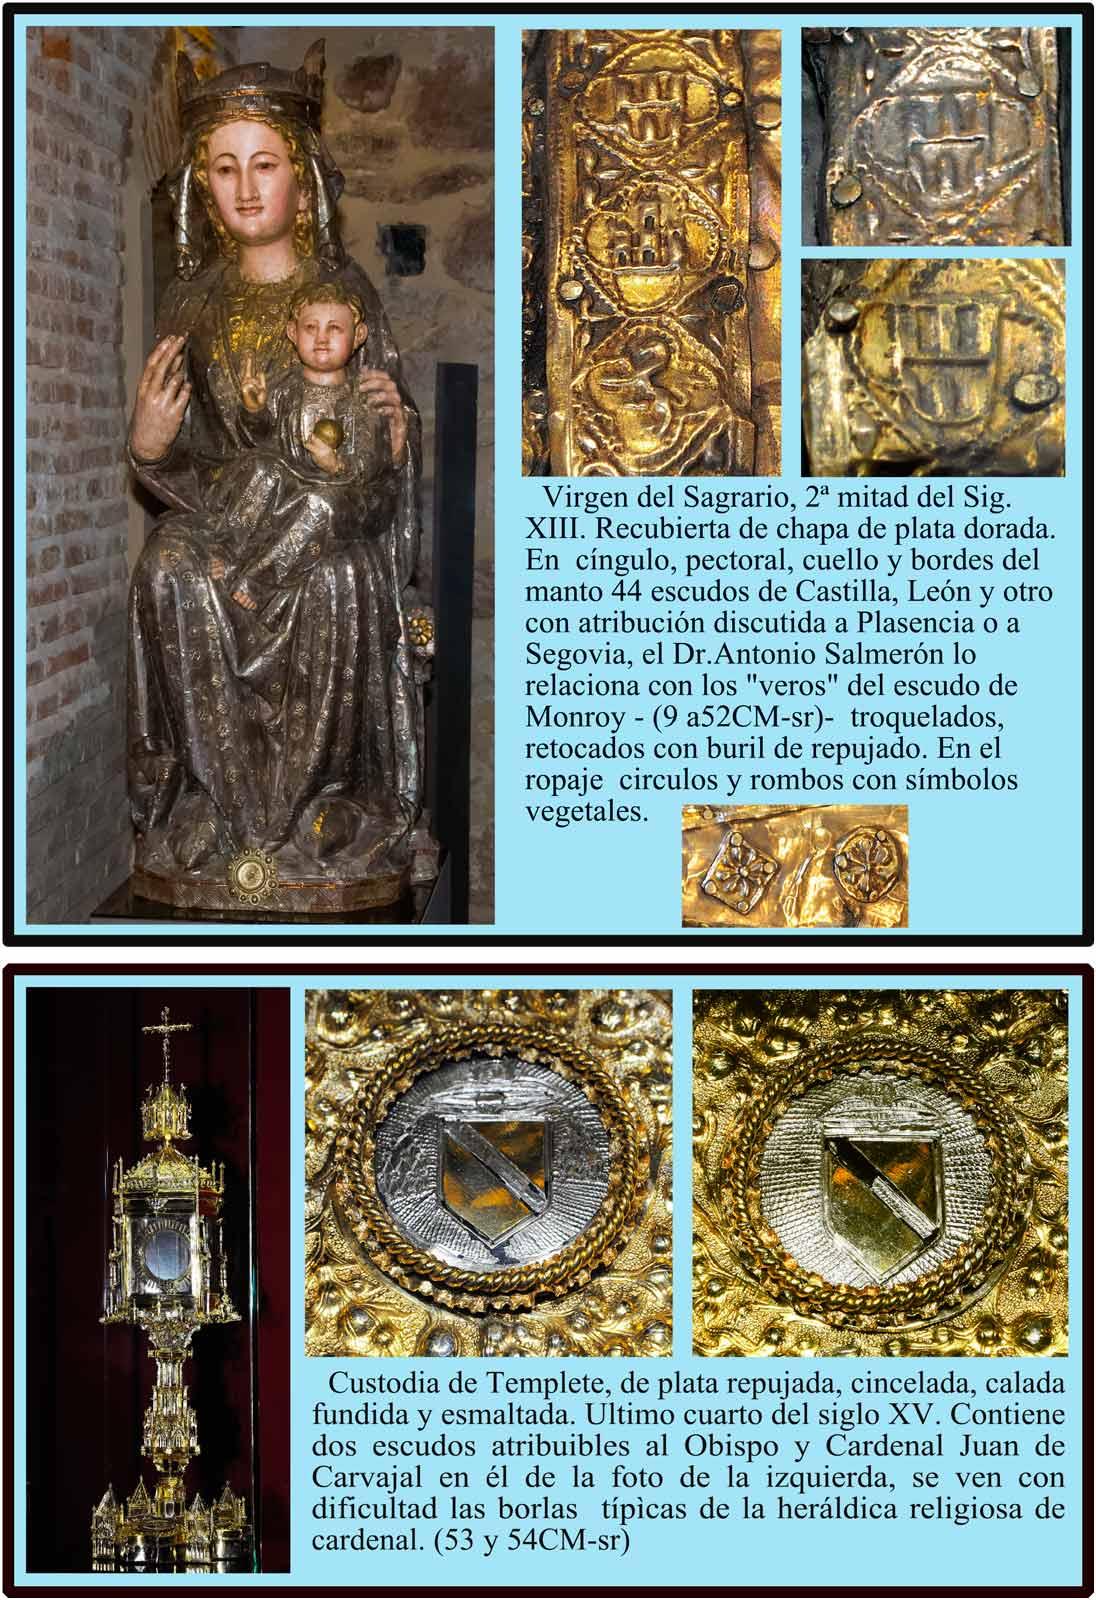 Virgen del Sagrario Siglo XIII. Catedral Vieja de Plasencia